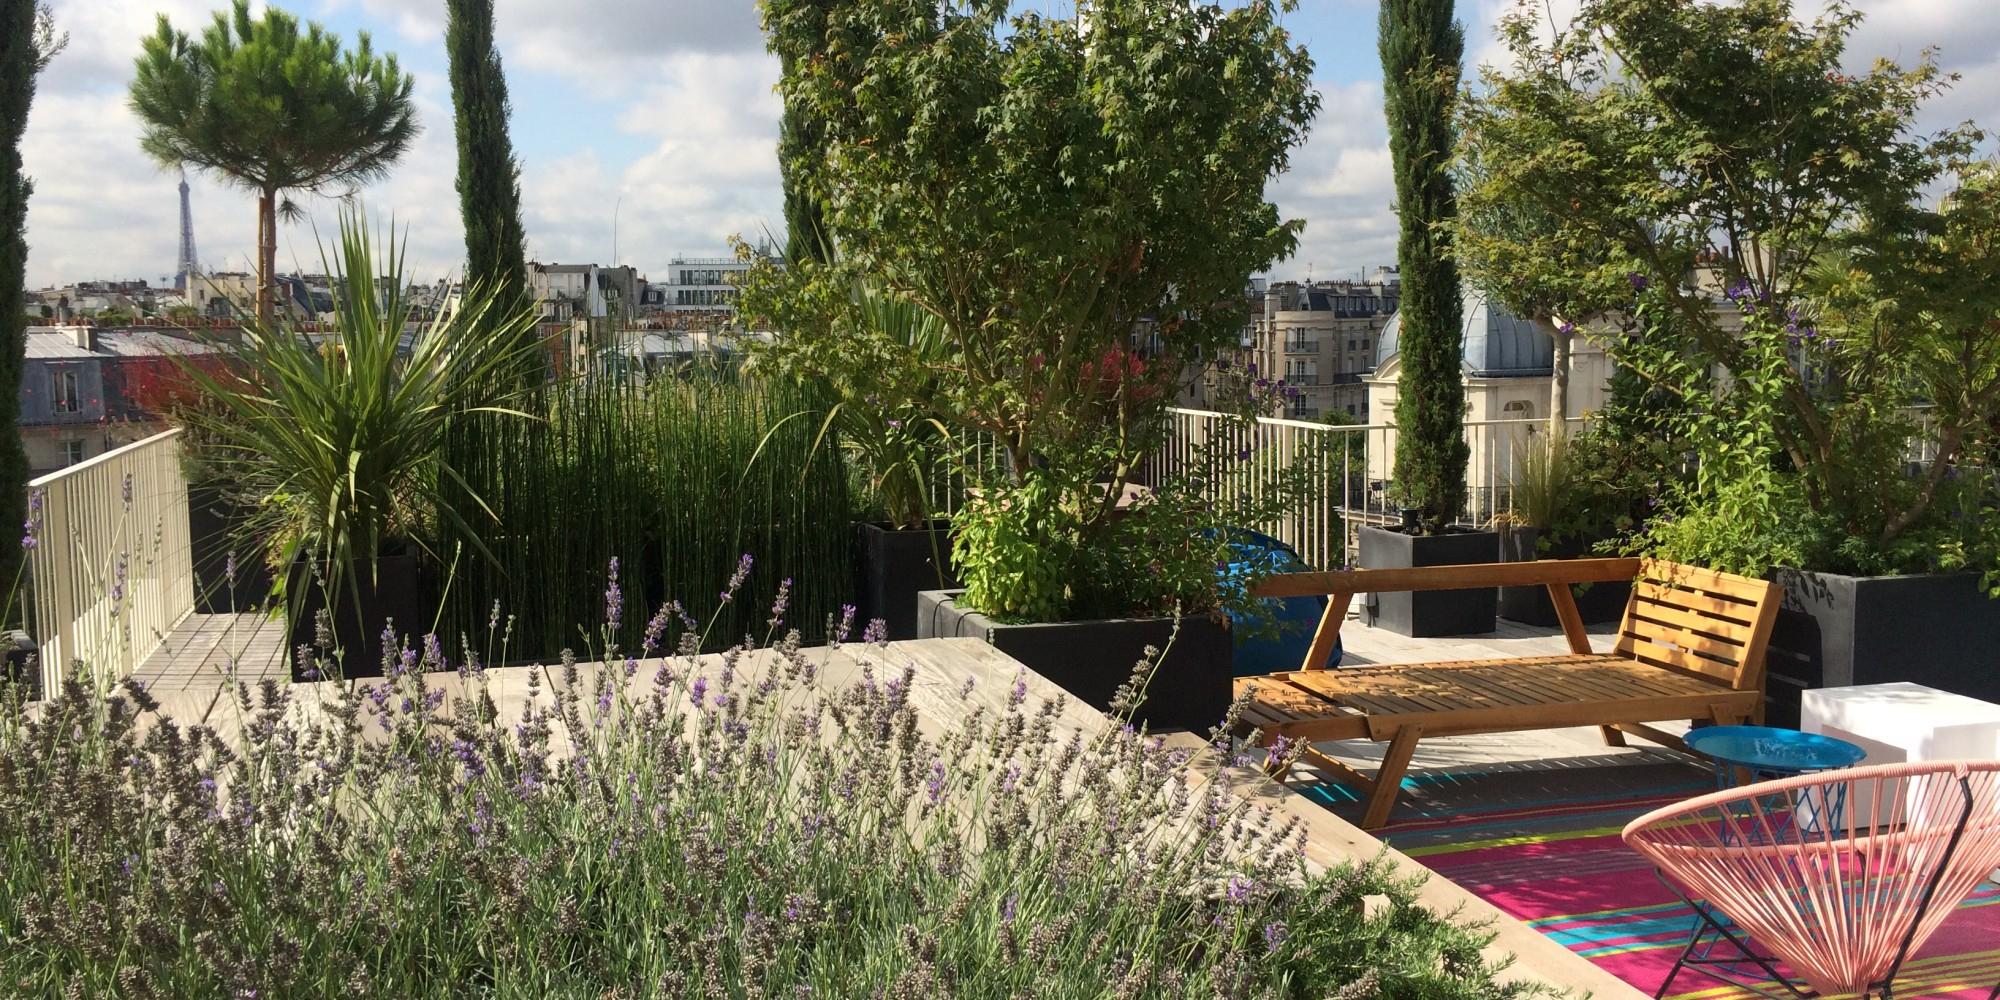 Urban-Green - Un Jardin À Vos Fenêtres, Paysagiste Paris concernant Refaire Son Jardin Paysagiste